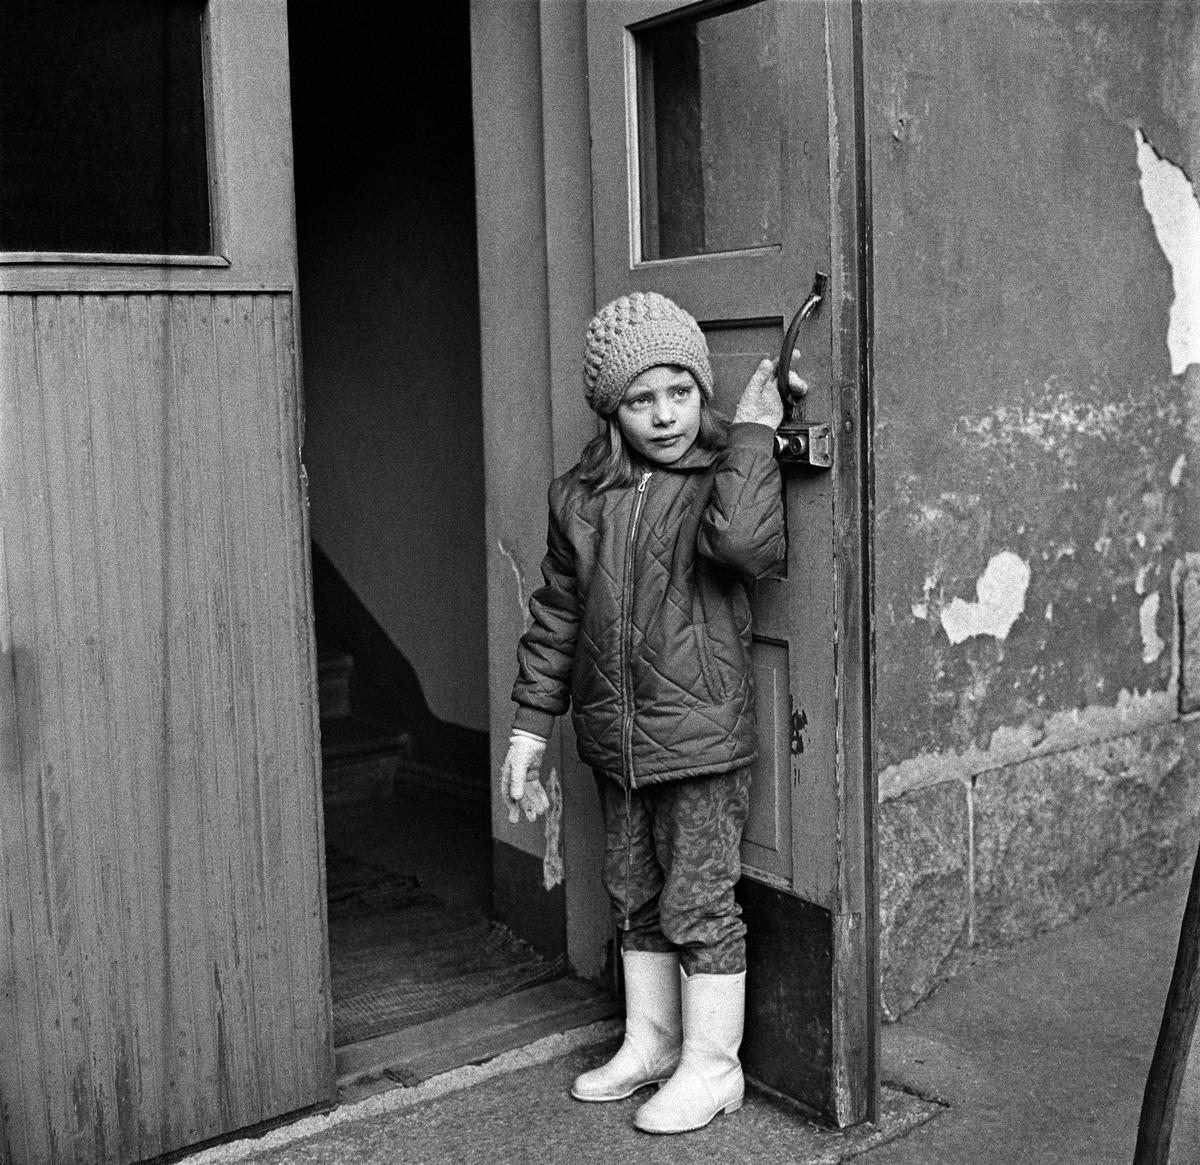 Tyttö seisoo kumisaappaissaan ulko-ovella